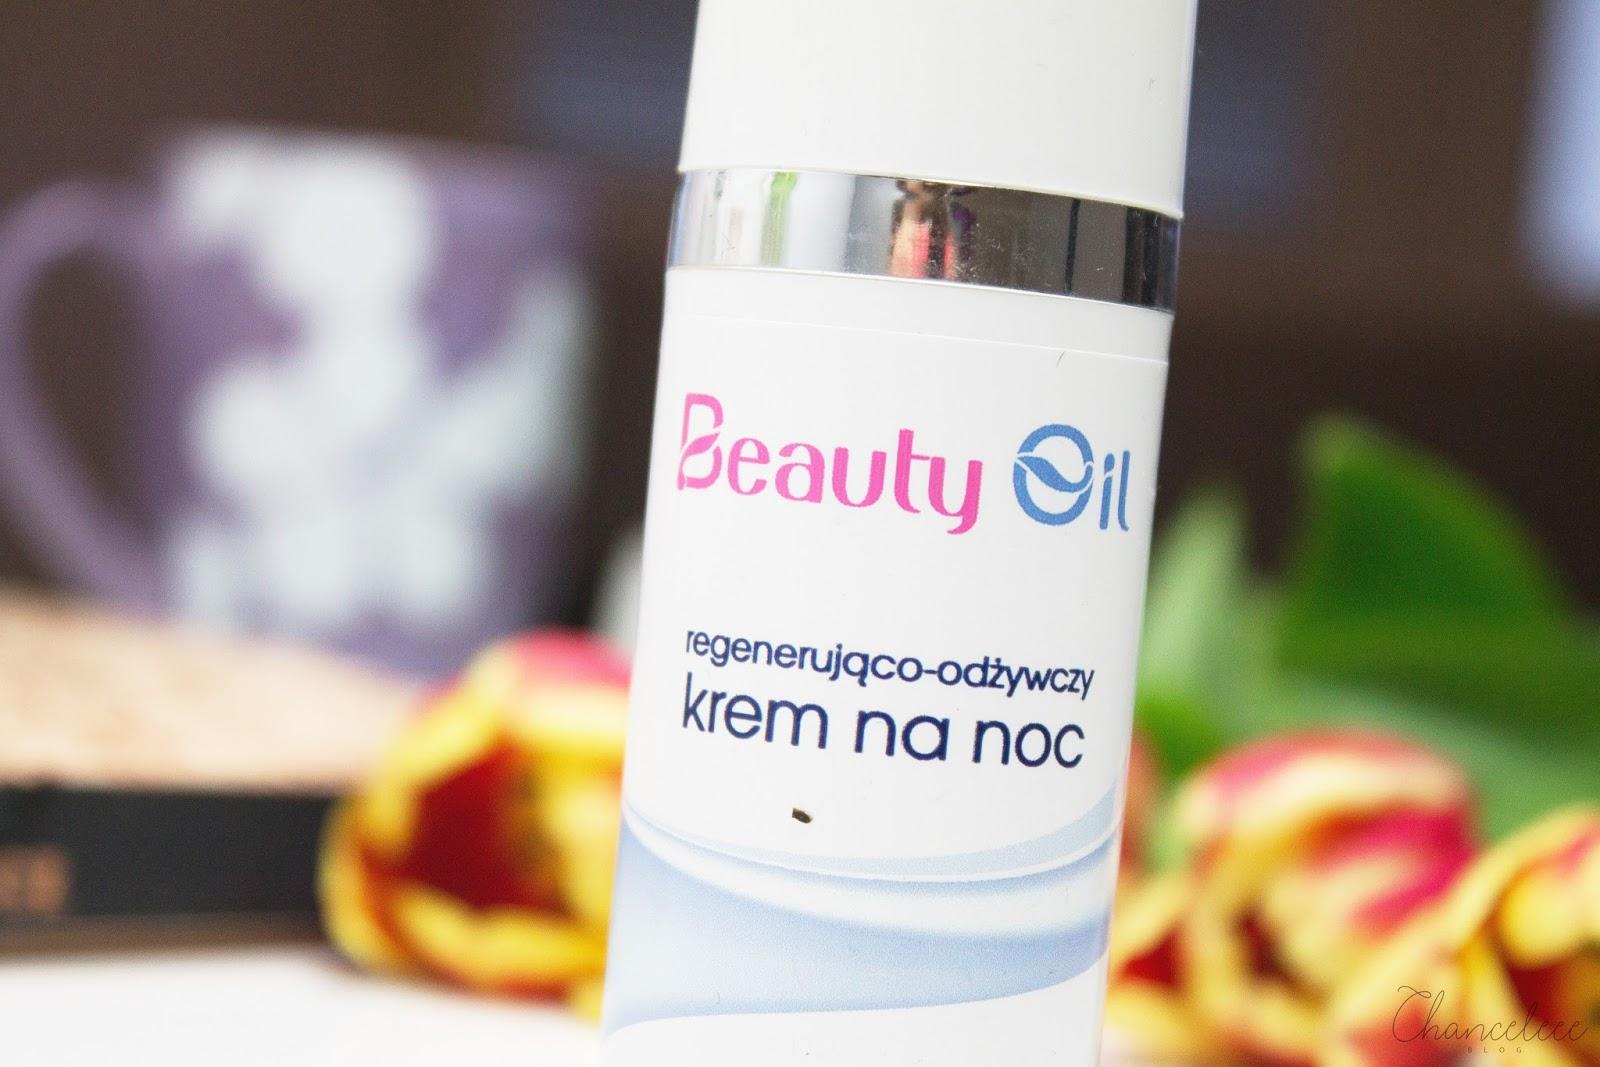 Beauty Oil regenerująco-odżywczy krem na noc